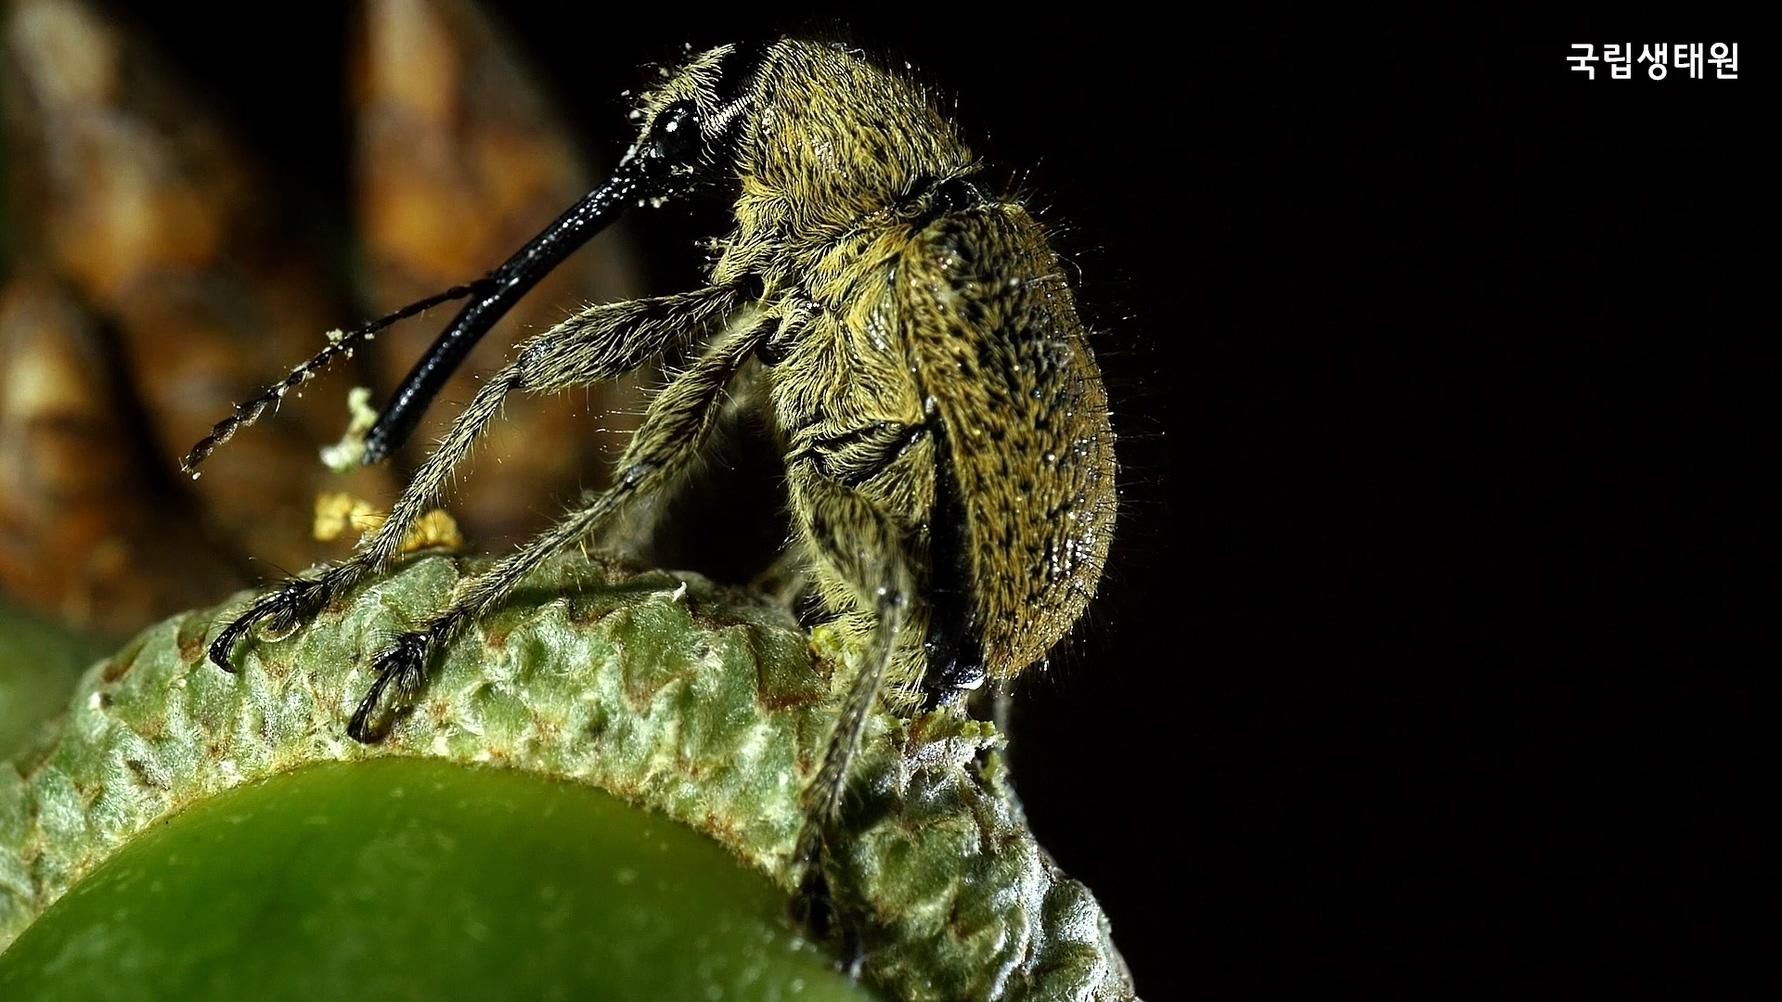 도토리에 구멍을 내고 있는 도토리거위벌레 암컷. [사진 국립생태원]